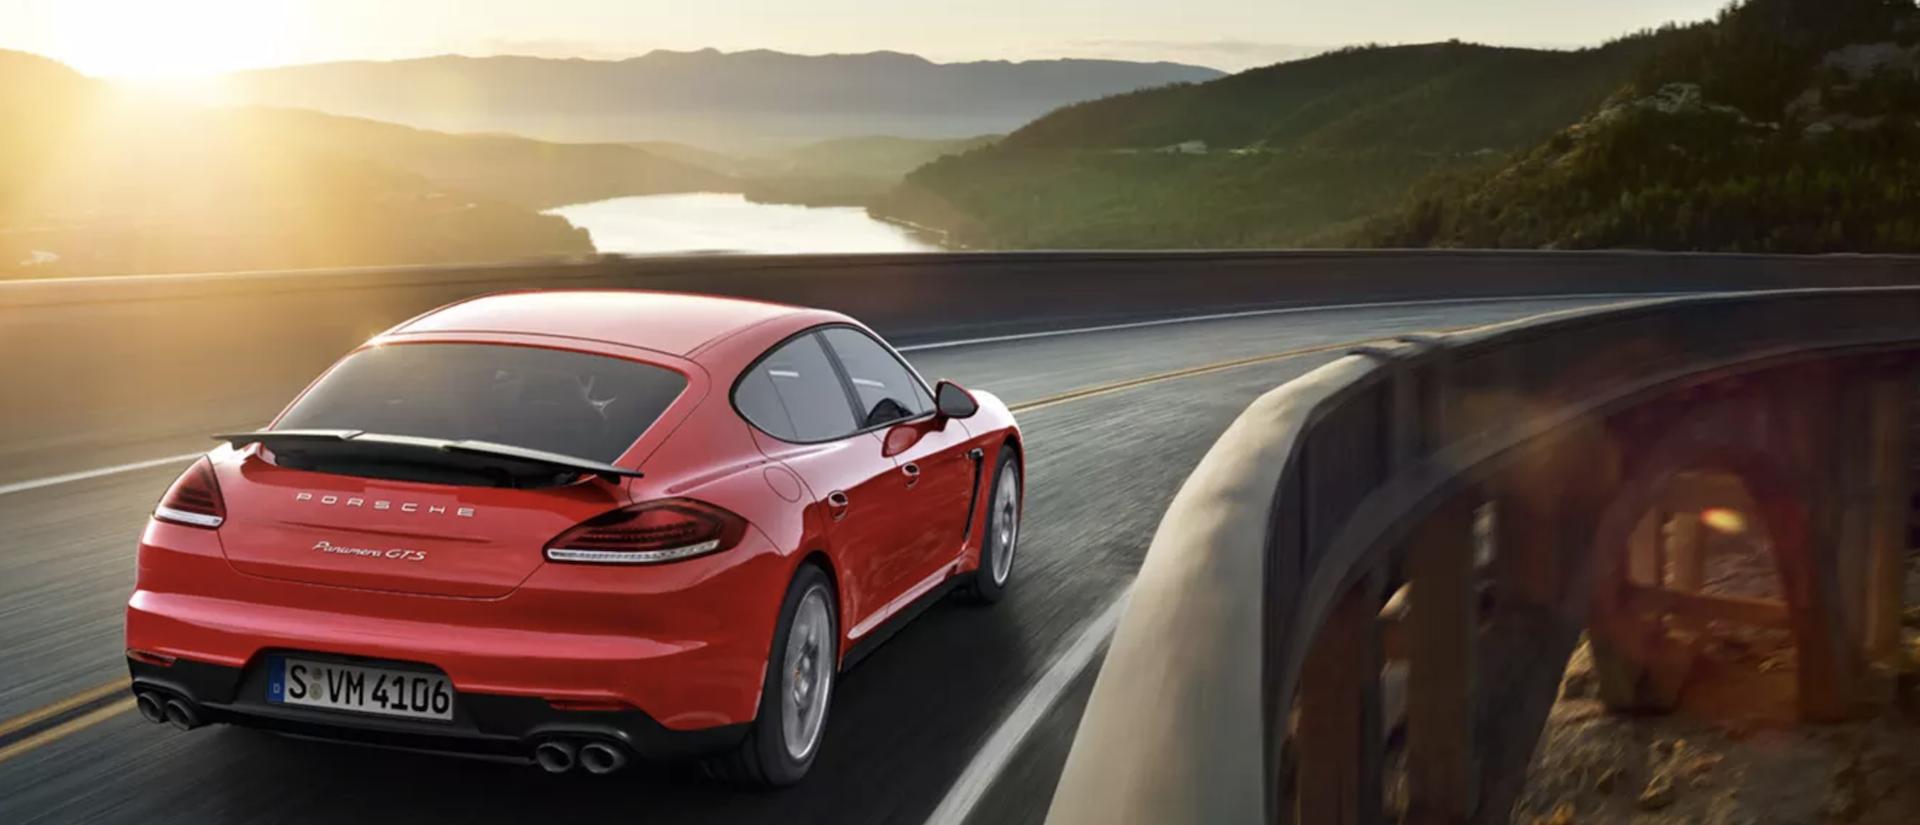 Porsche Roadside Assistance